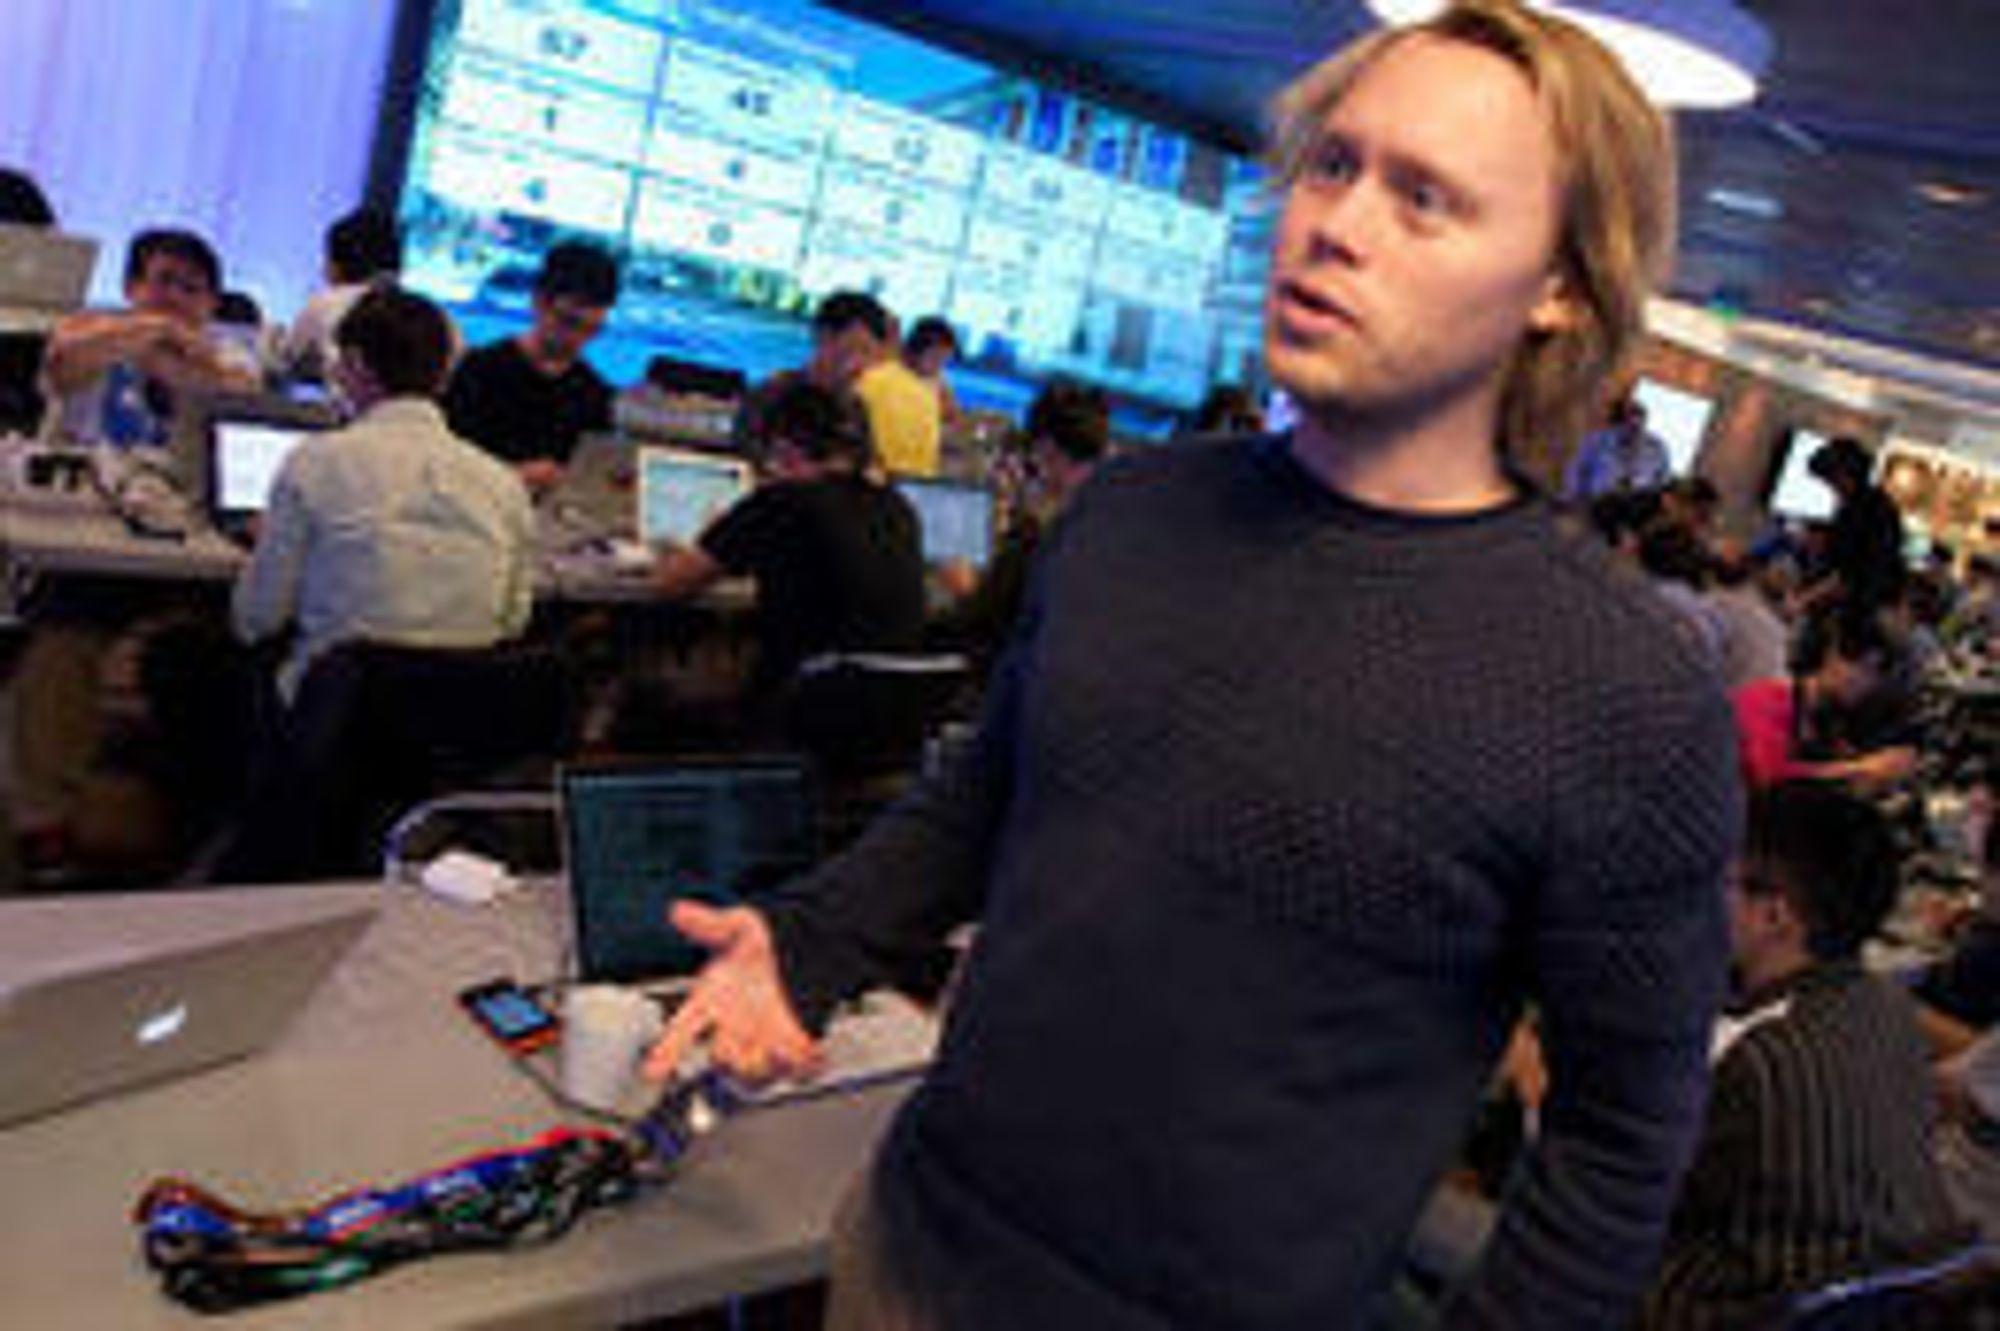 Weben er utviklingsplattformen, forklarer Telenor-utvikler Olav Nymoen. Han er en av få utviklere i Telenor som bidrar med kode til Firefox OS.